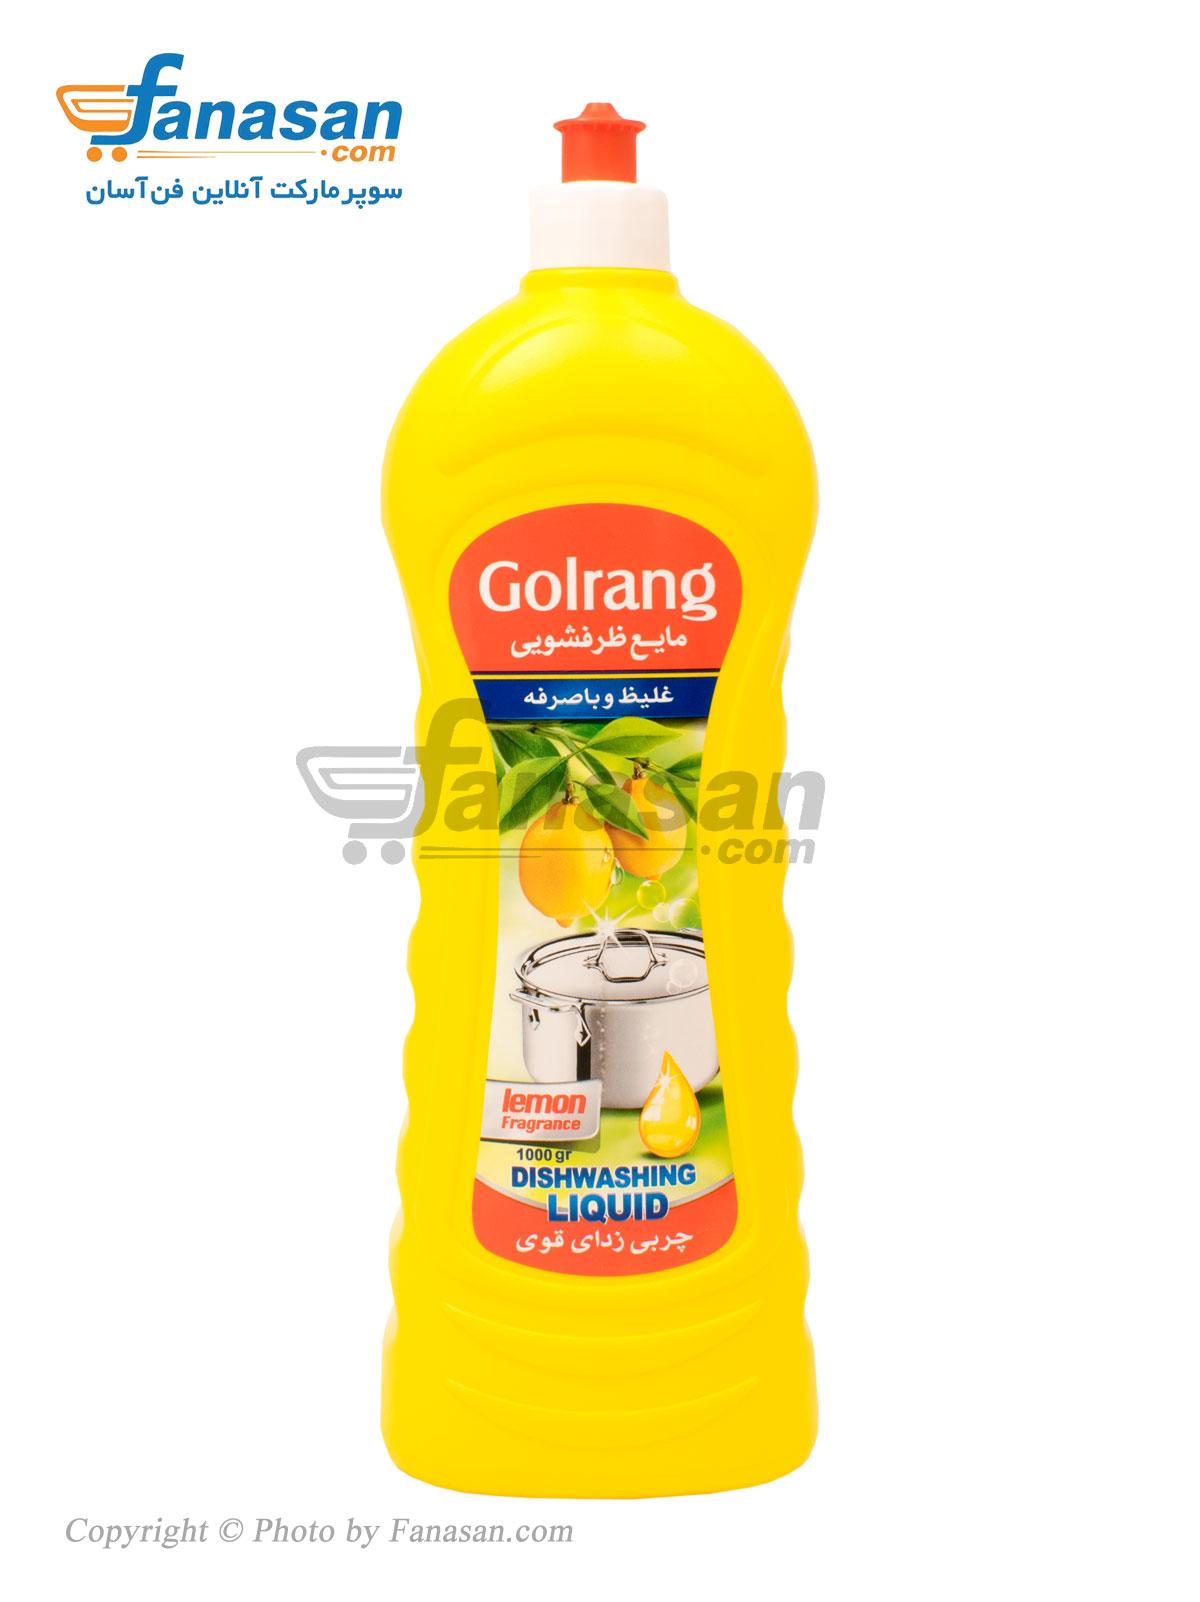 مایع ظرفشویی گلرنگ با رایحه لیمو 1000 گرم